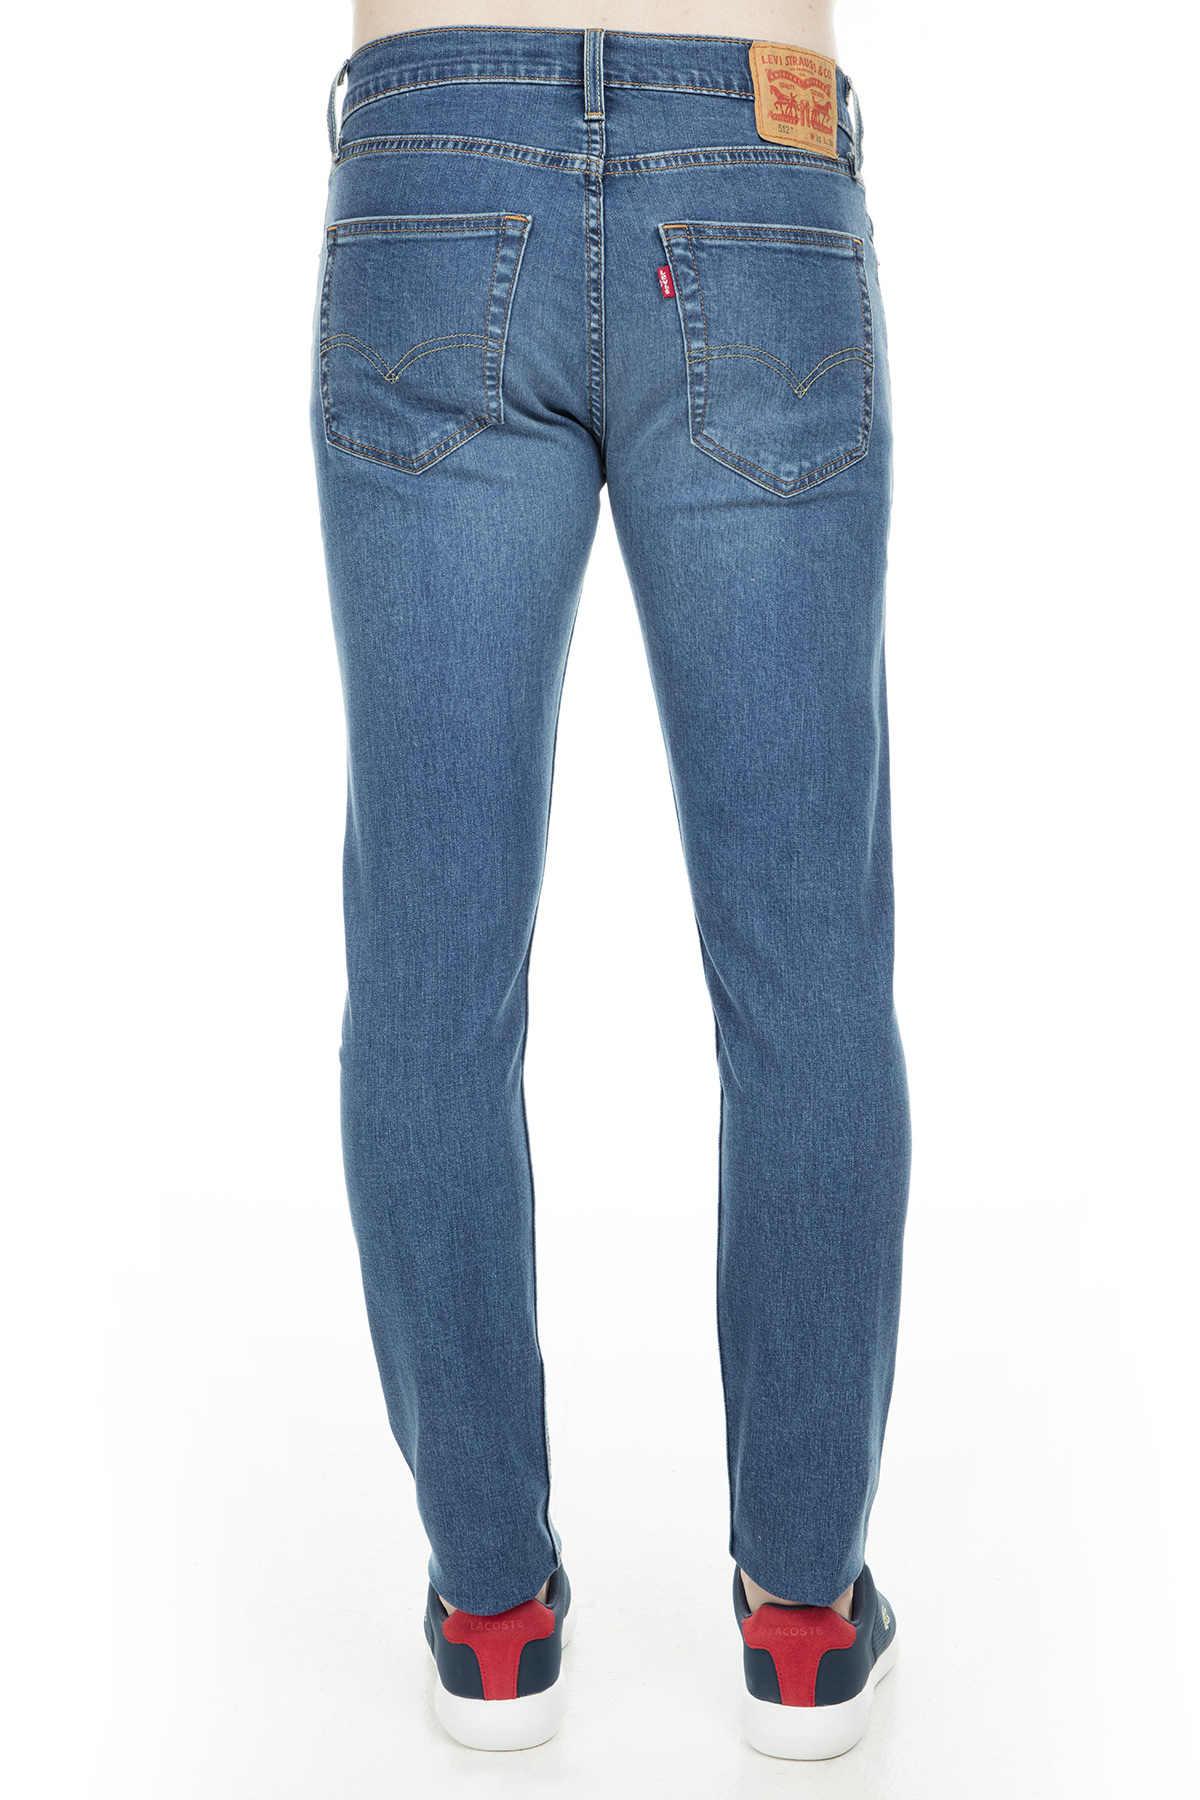 Levis 512 Jeans Pantalones Vaqueros Para Hombre 28833 Pantalones Vaqueros Aliexpress